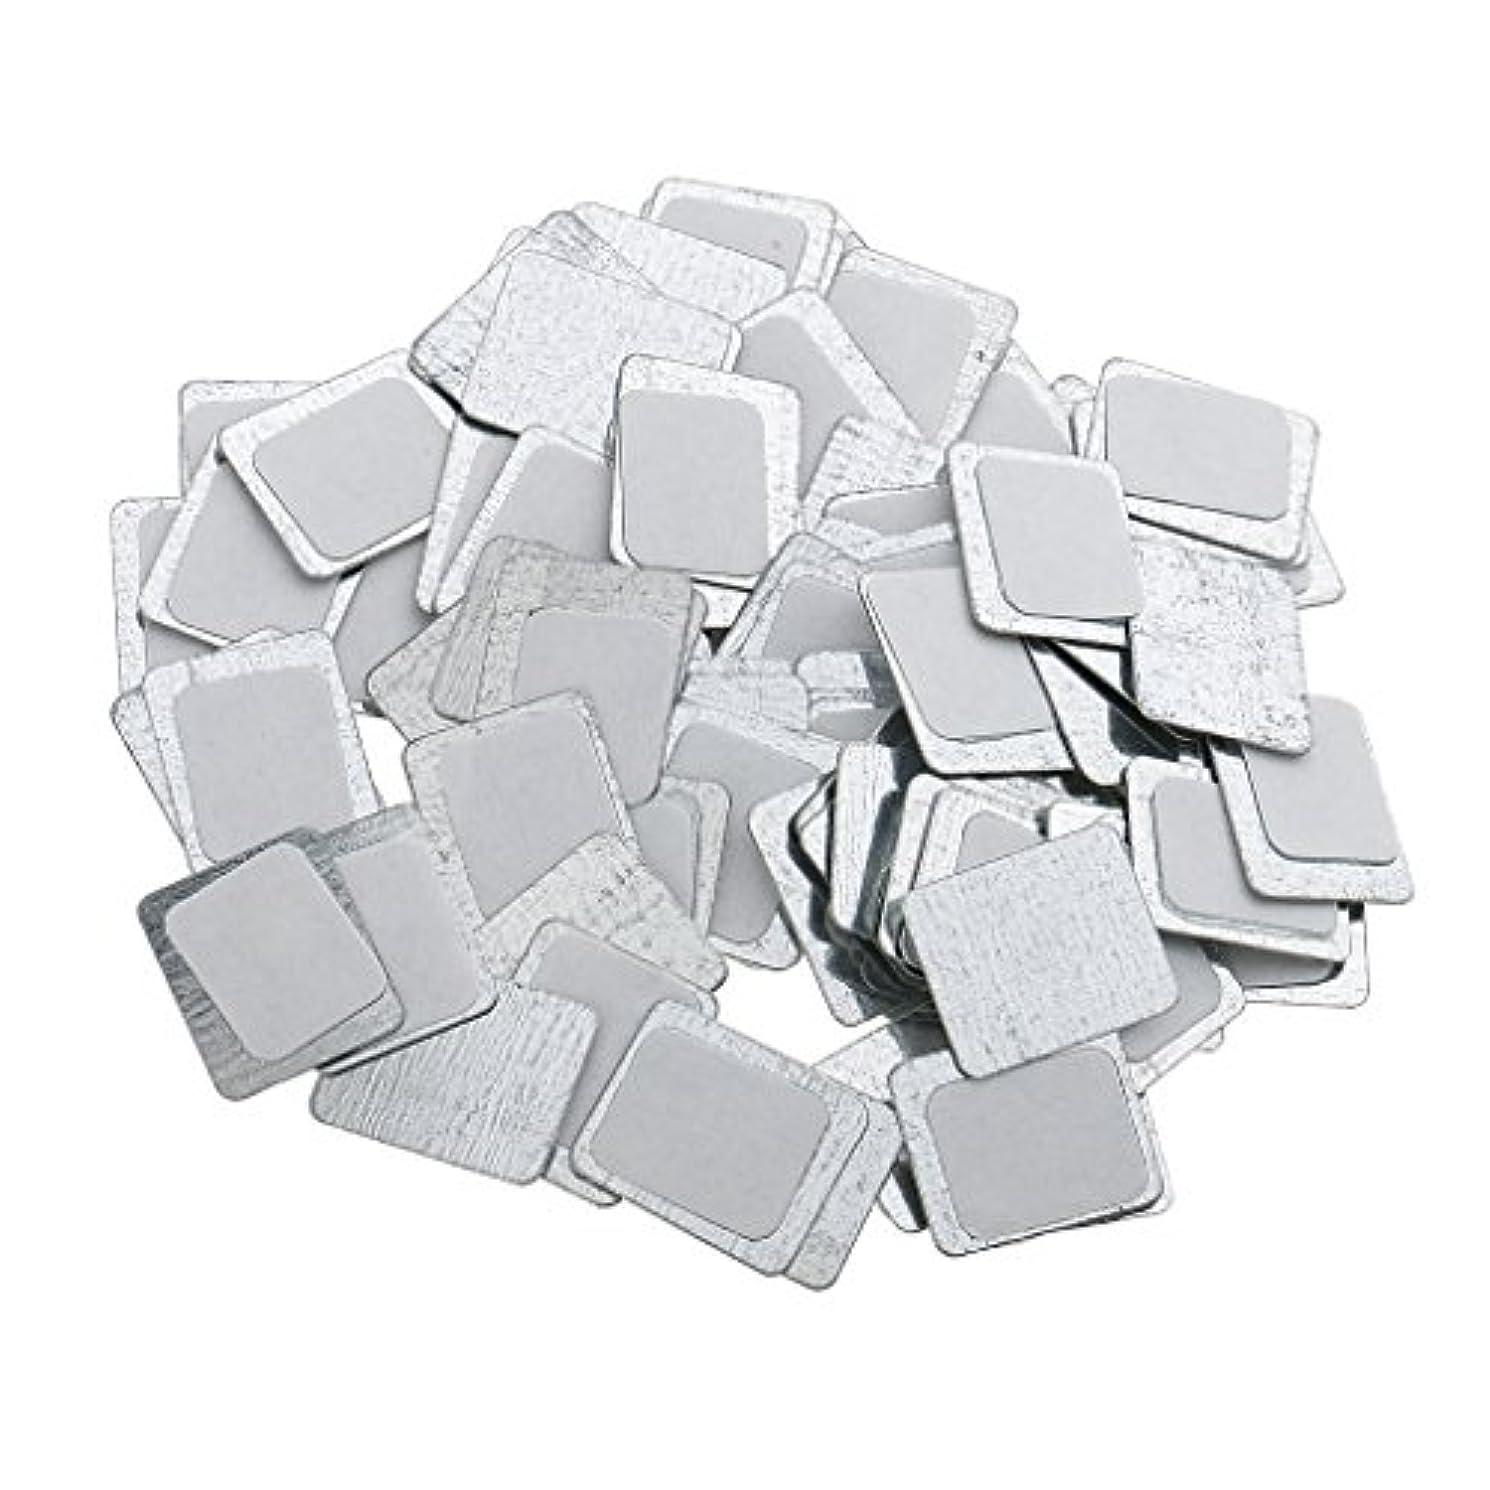 巨大な渇きジョリー約100個 メイクアップパン 空パン アイシャドー ブラッシュ メイクアップ 磁気パレットボックスケース 2タイプ選べ - スクエア